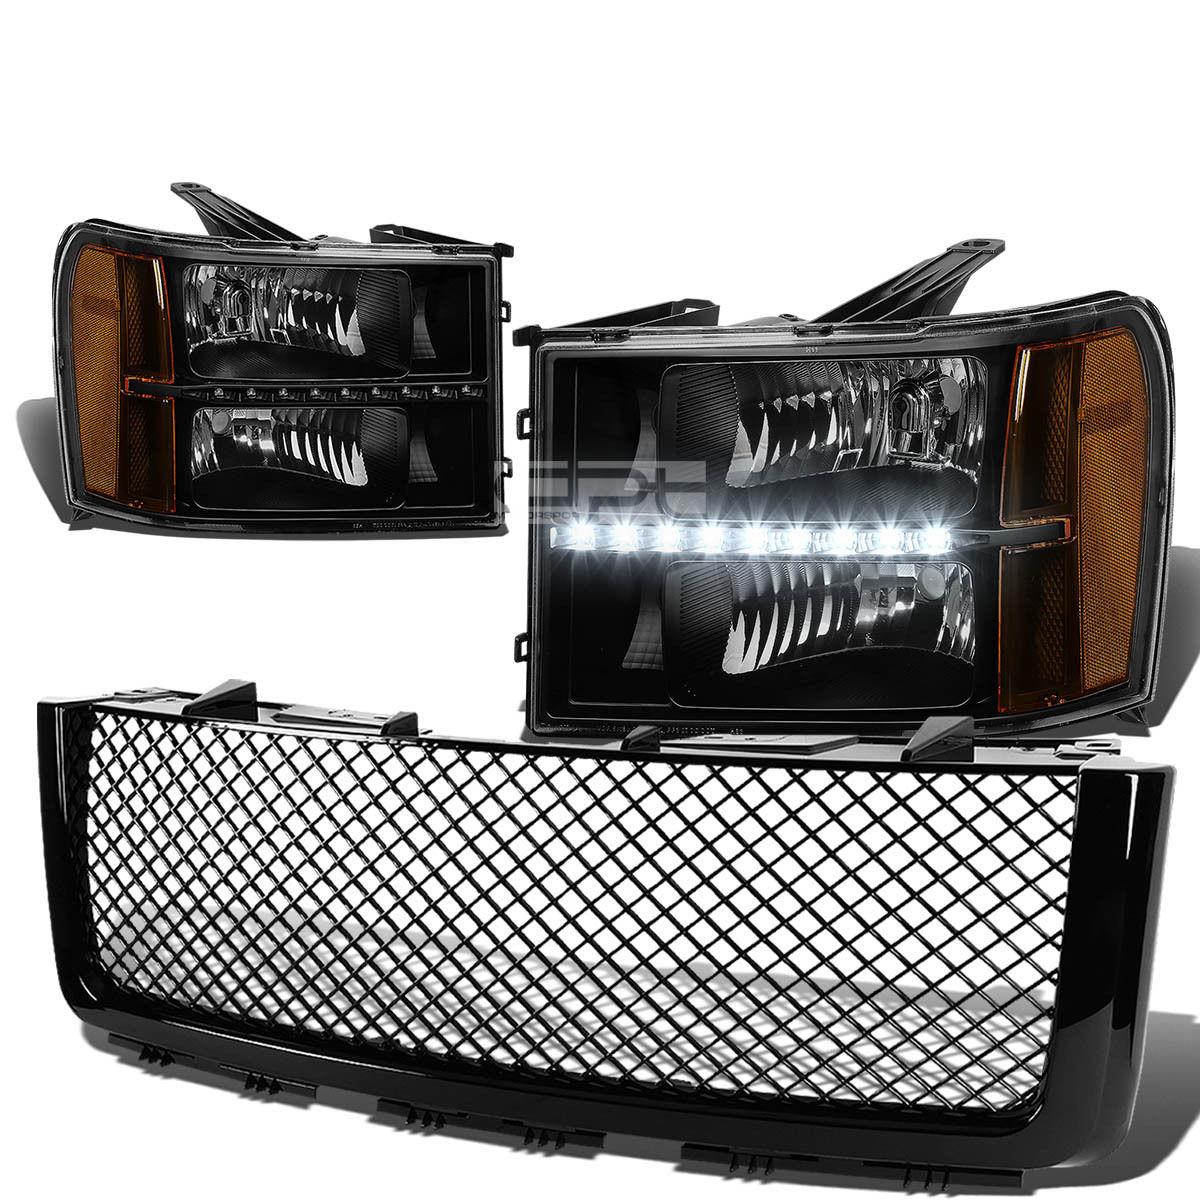 グリル FOR 07-13 SIERRA BLACKヘッドライト+ BUMP  ER信号+ LED DRL +メッシュグリルガードカバー FOR 07-13 SIERRA BLACK HEADLIGHT+BUMPER SIGNAL+LED DRL+MESH GRILLE GUARD COVER